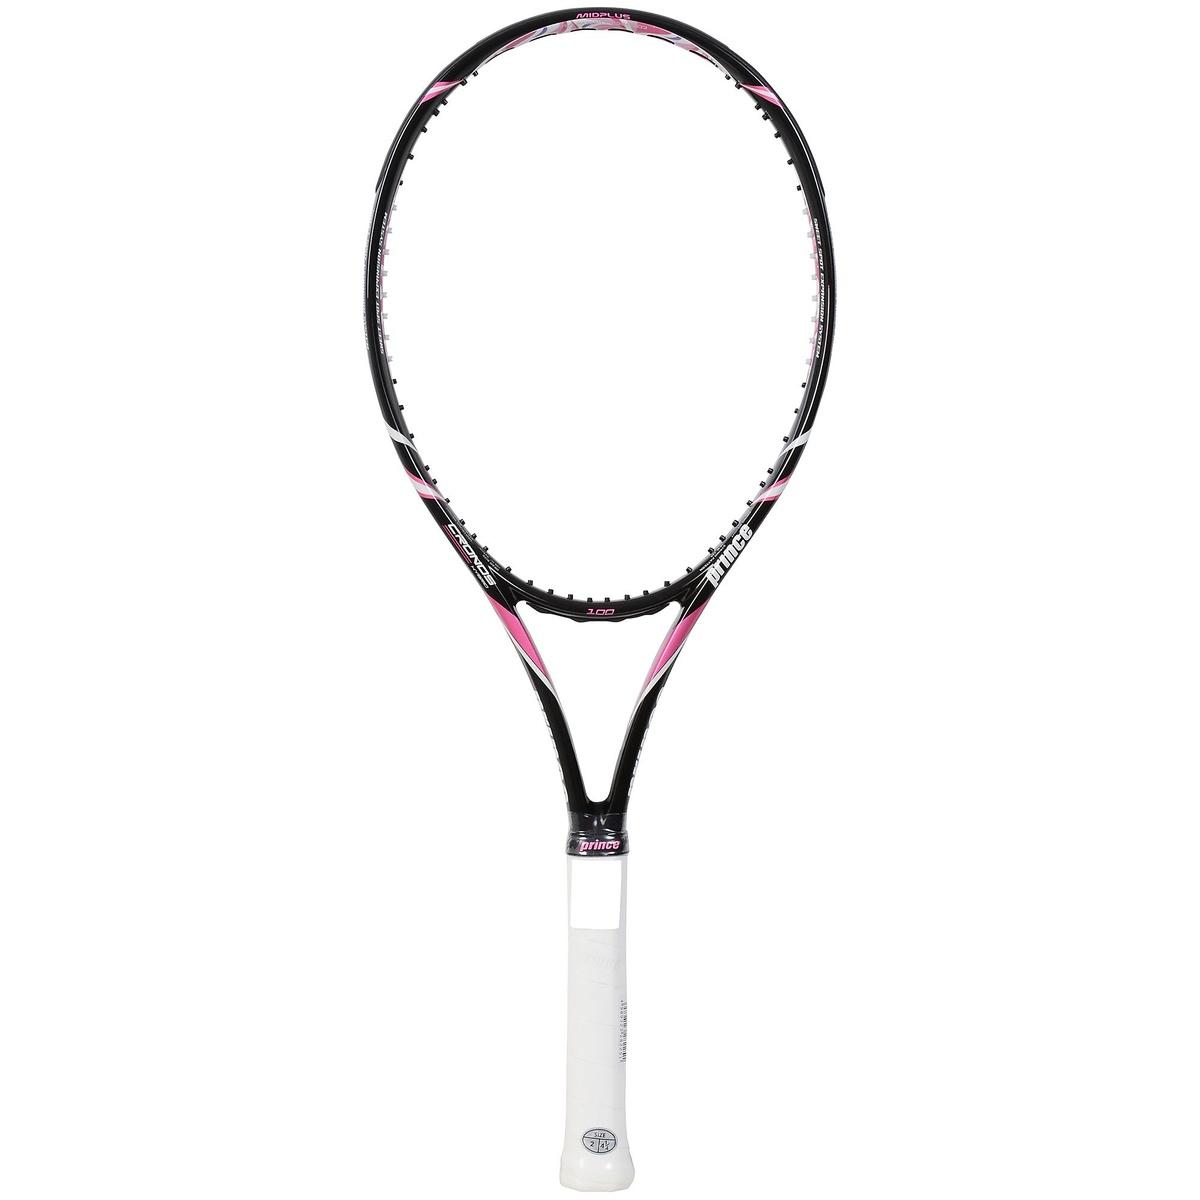 【送料無料】 PRINCE (プリンス) 【フレームのみ】テニス フレームラケット 7TJ060 HYB CRONOS L100MG 7TJ060